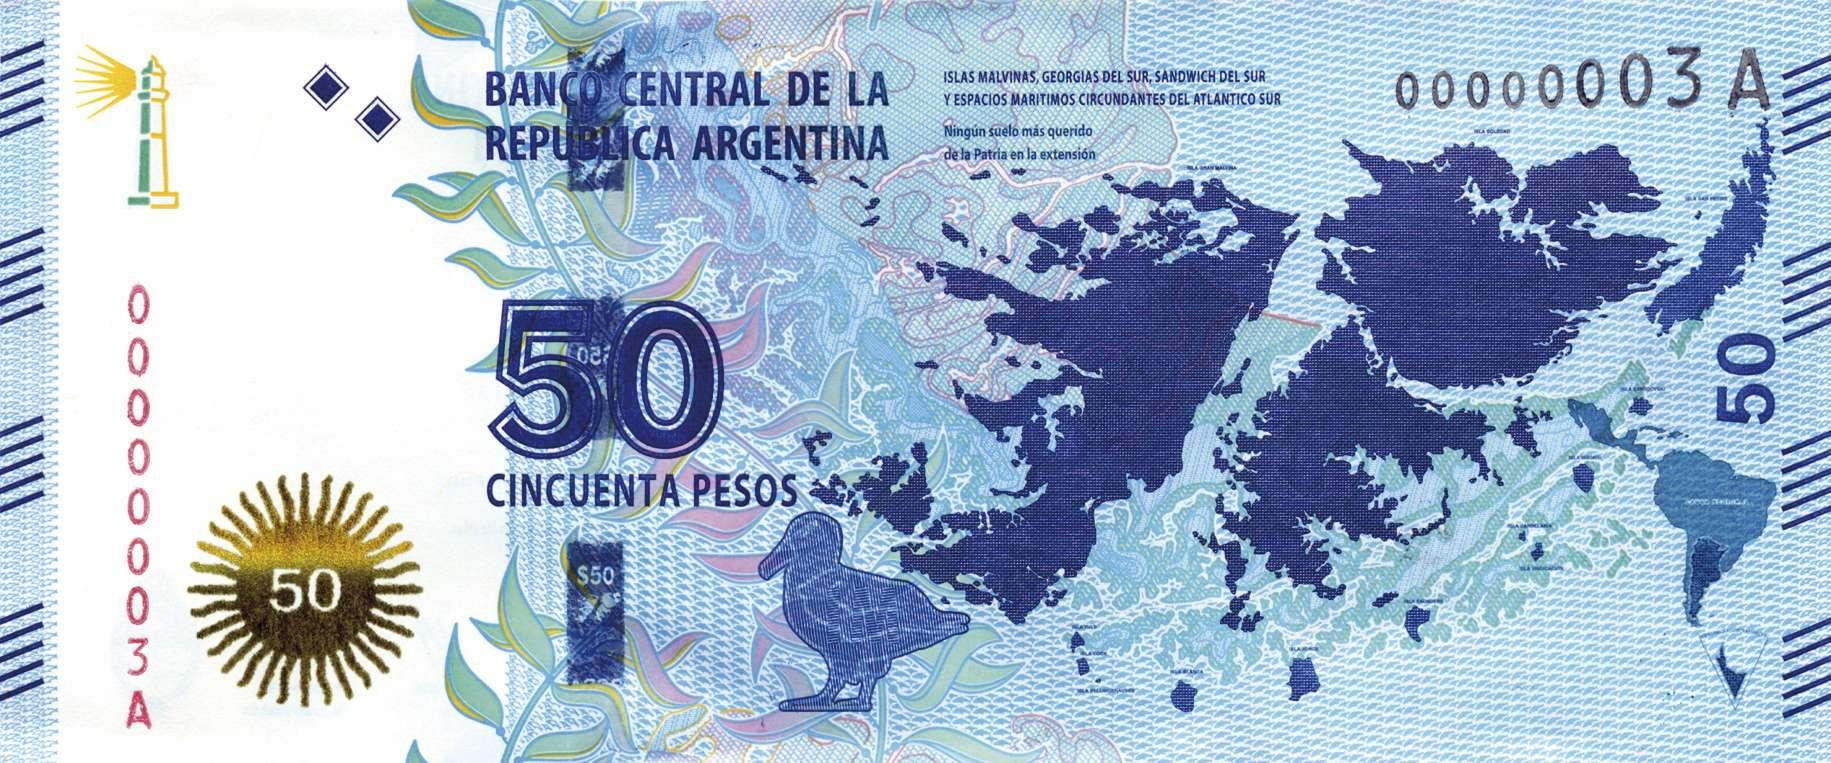 Anverso del nuevo billete de 50 pesos. Foto: Noticias Argentinas